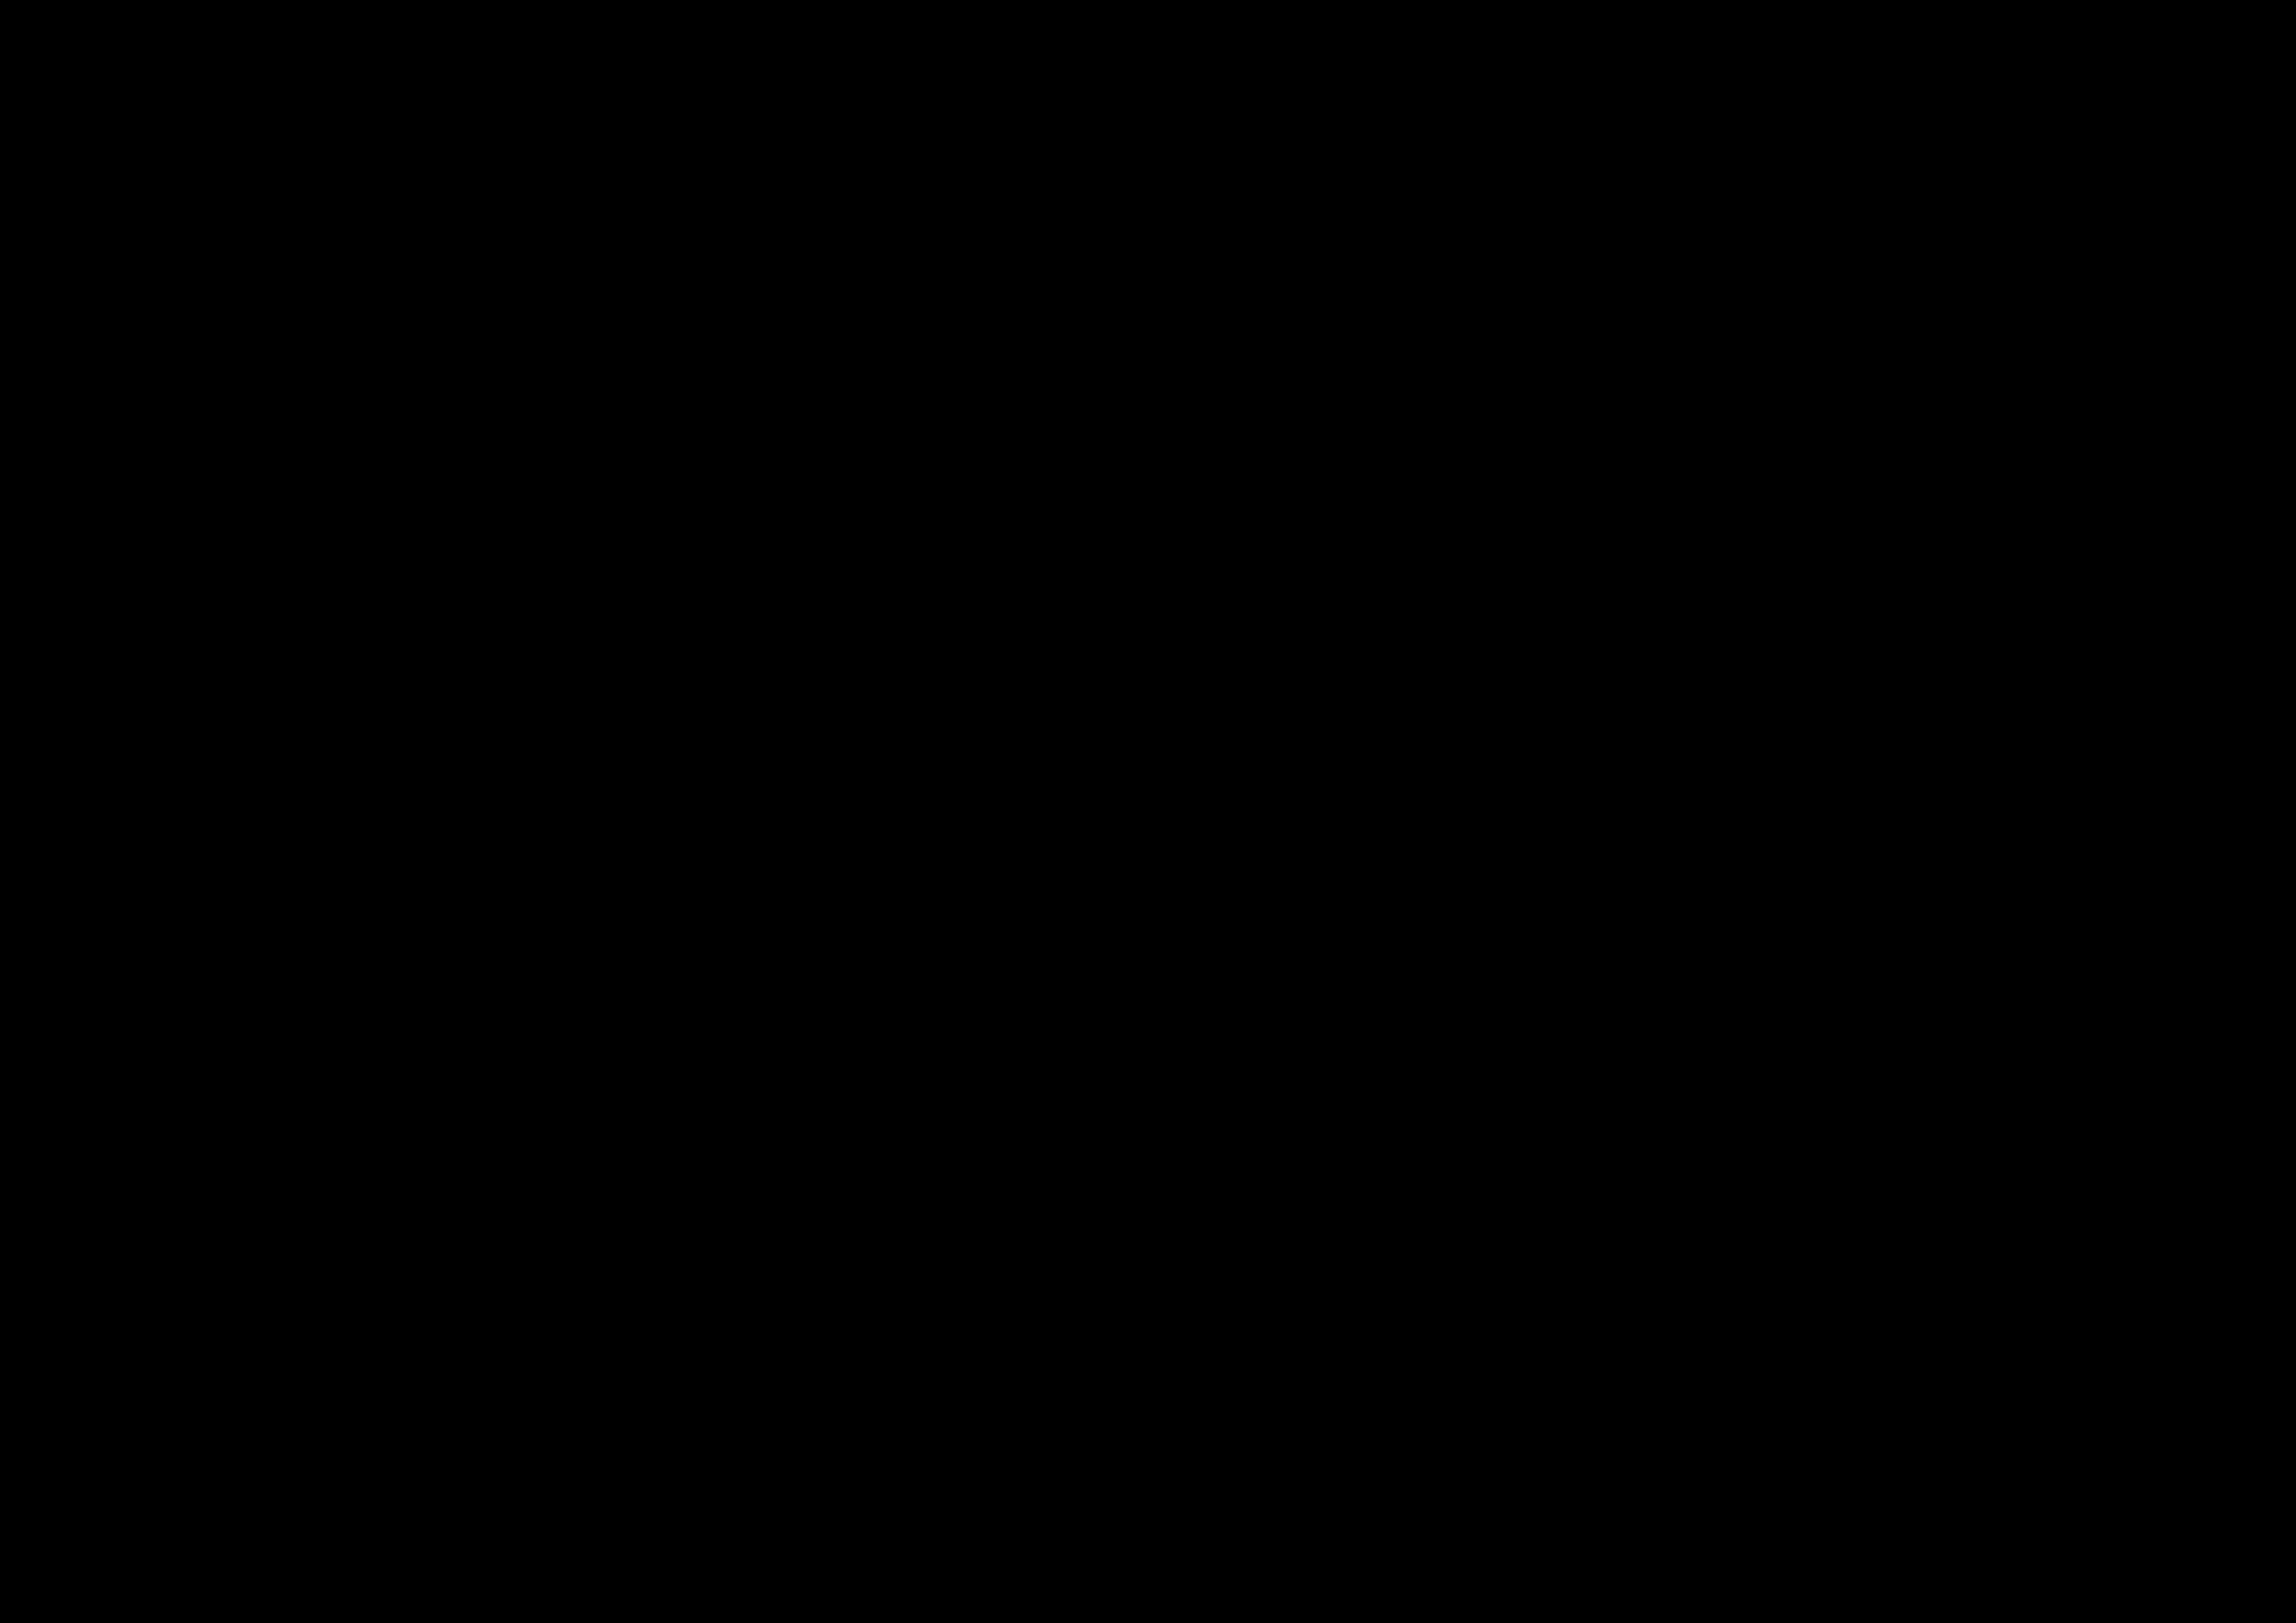 PLATO newsletter #26